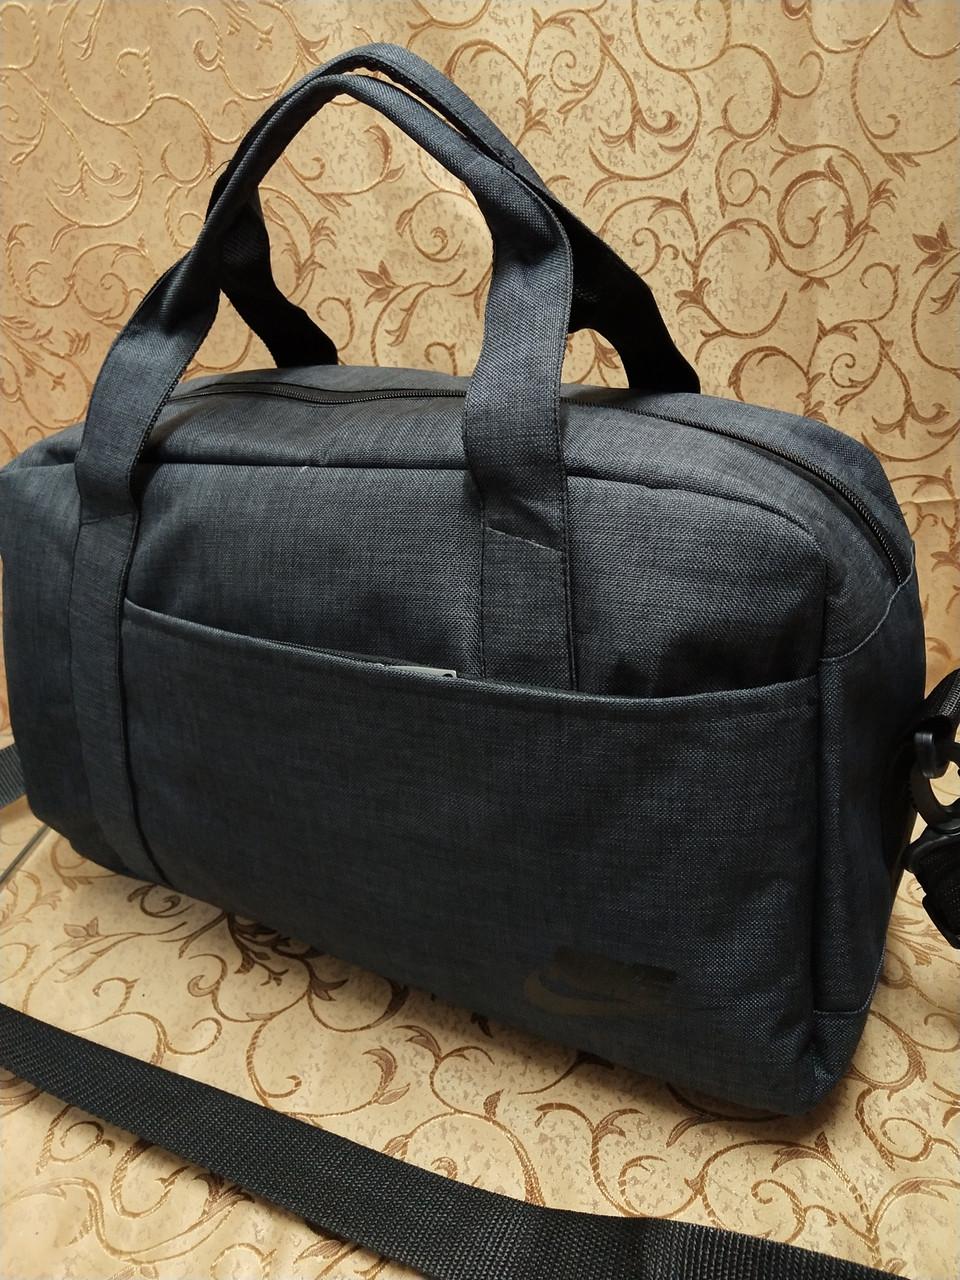 Спортивная дорожная nike мессенджер 600D оптом/Спортивная сумка только оптом